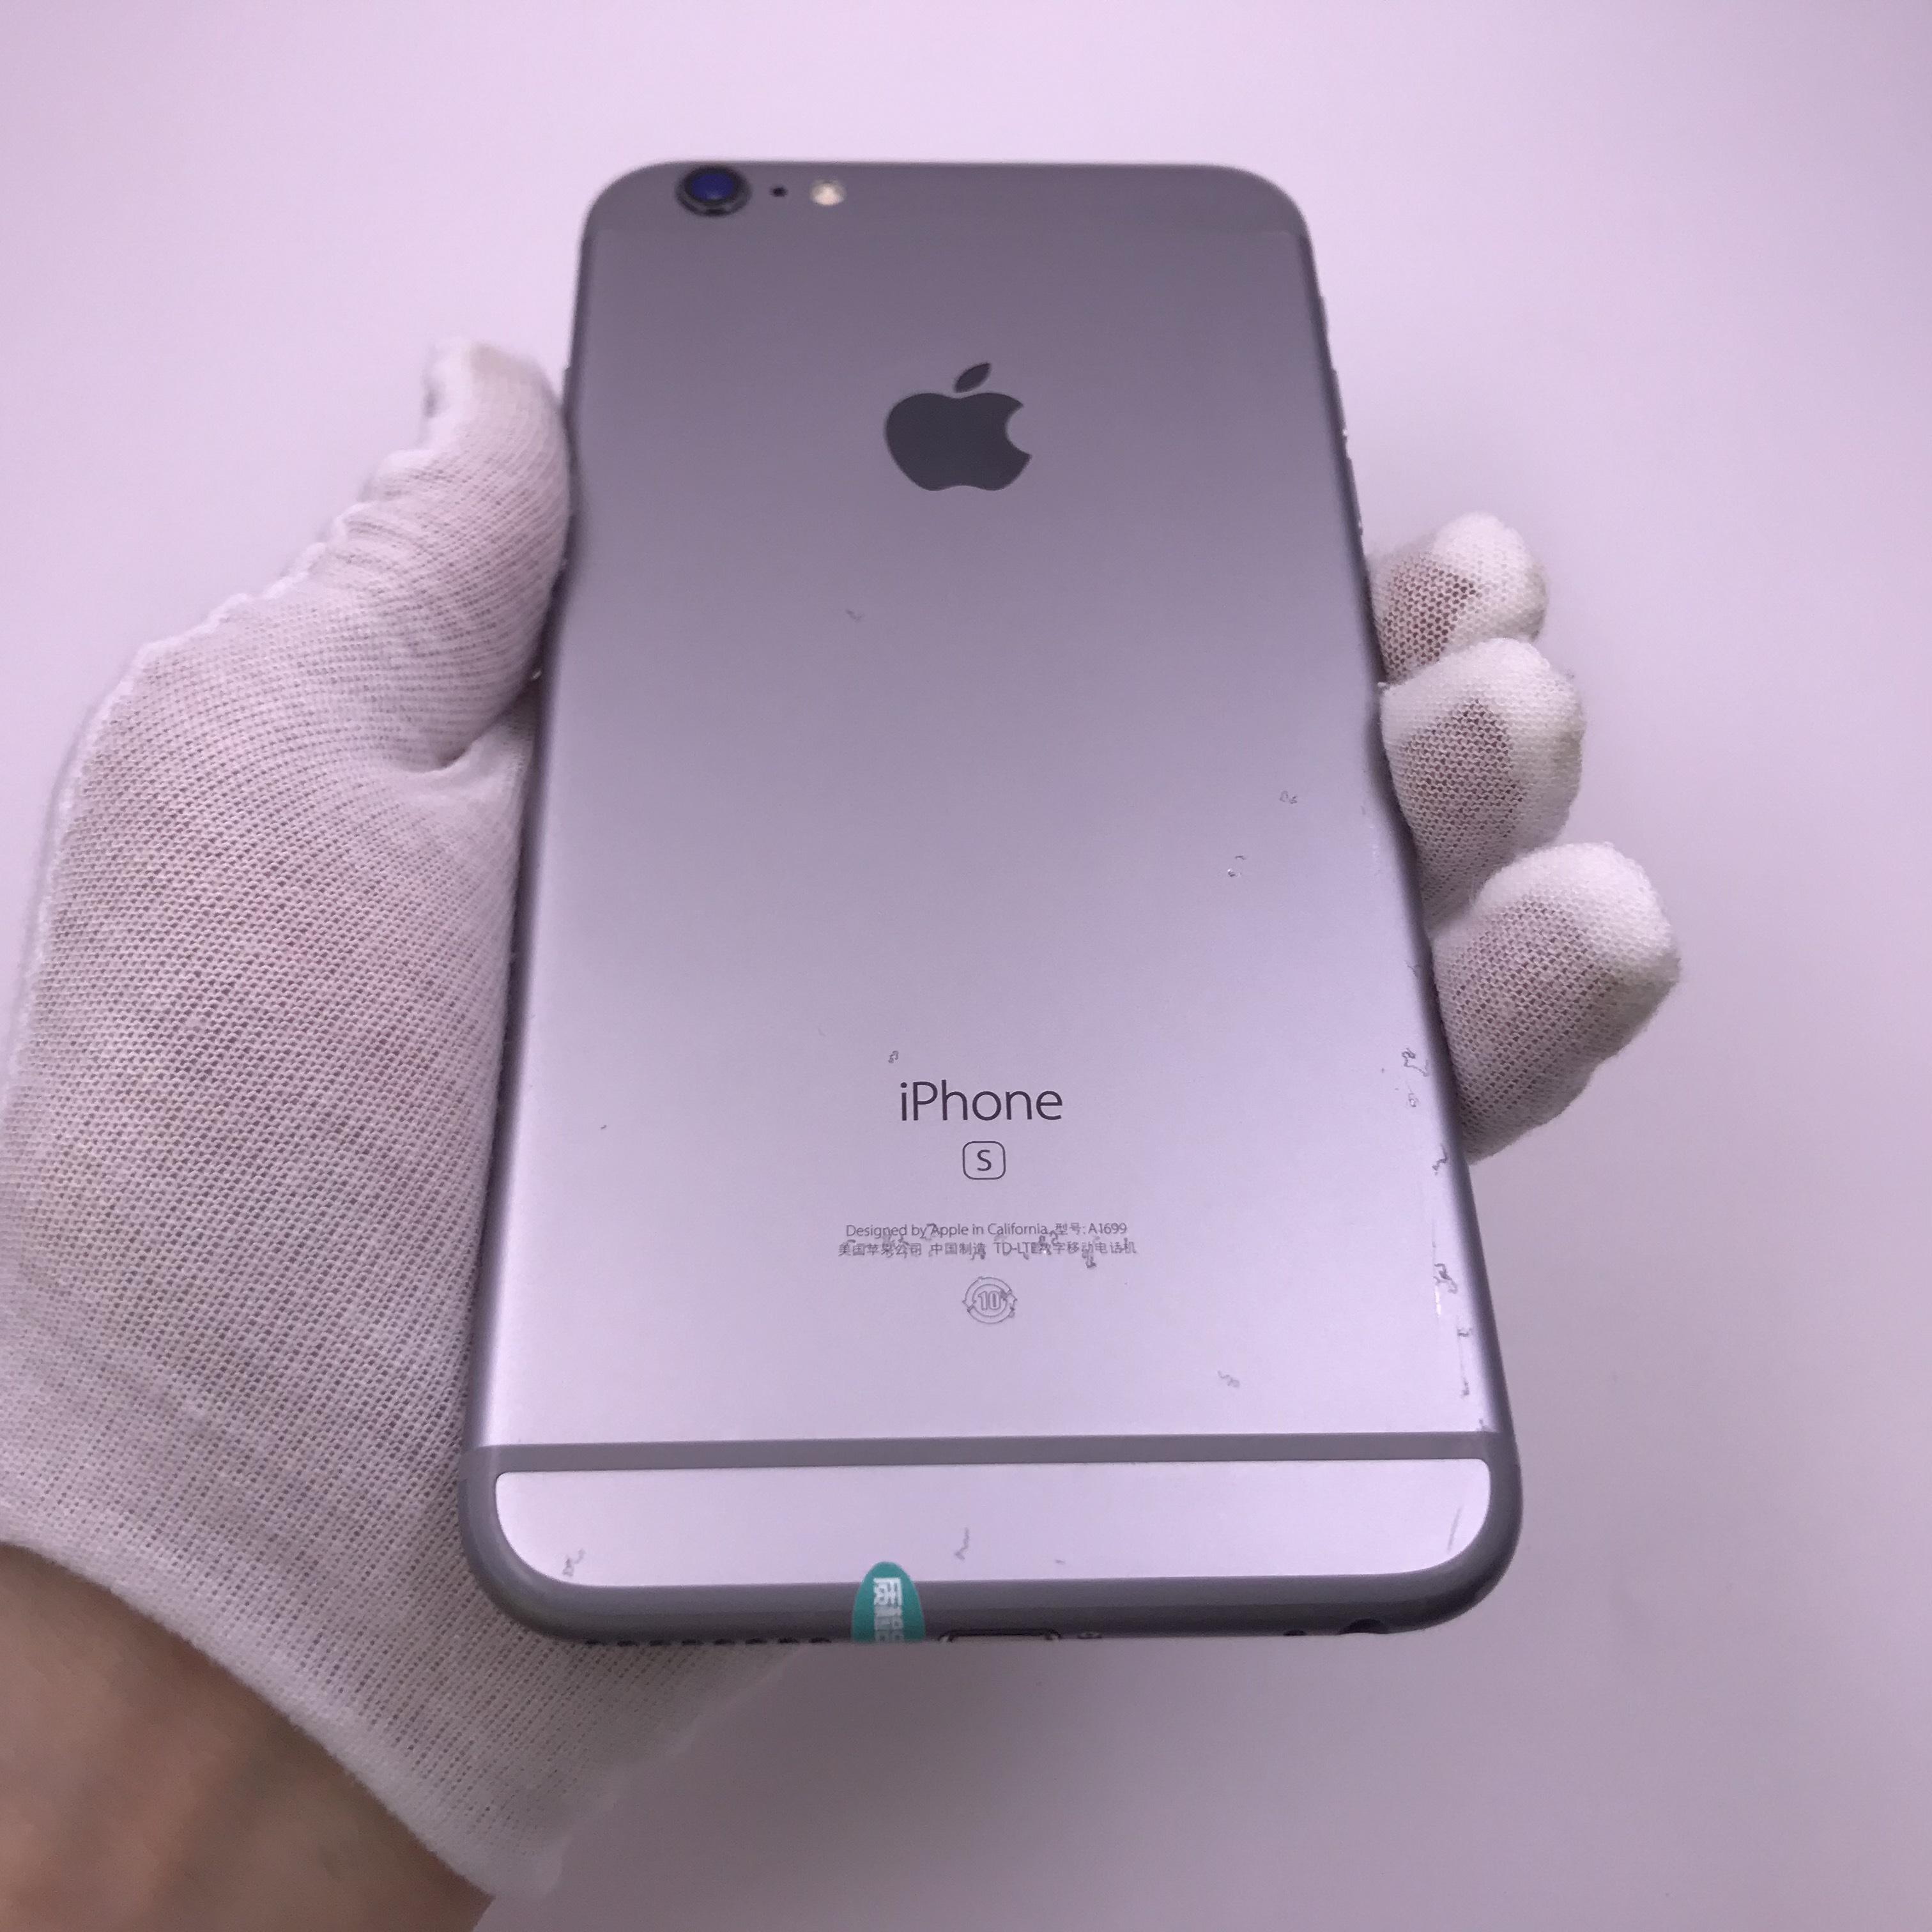 苹果【iPhone 6s Plus】4G全网通 深空灰 64G 国行 8成新